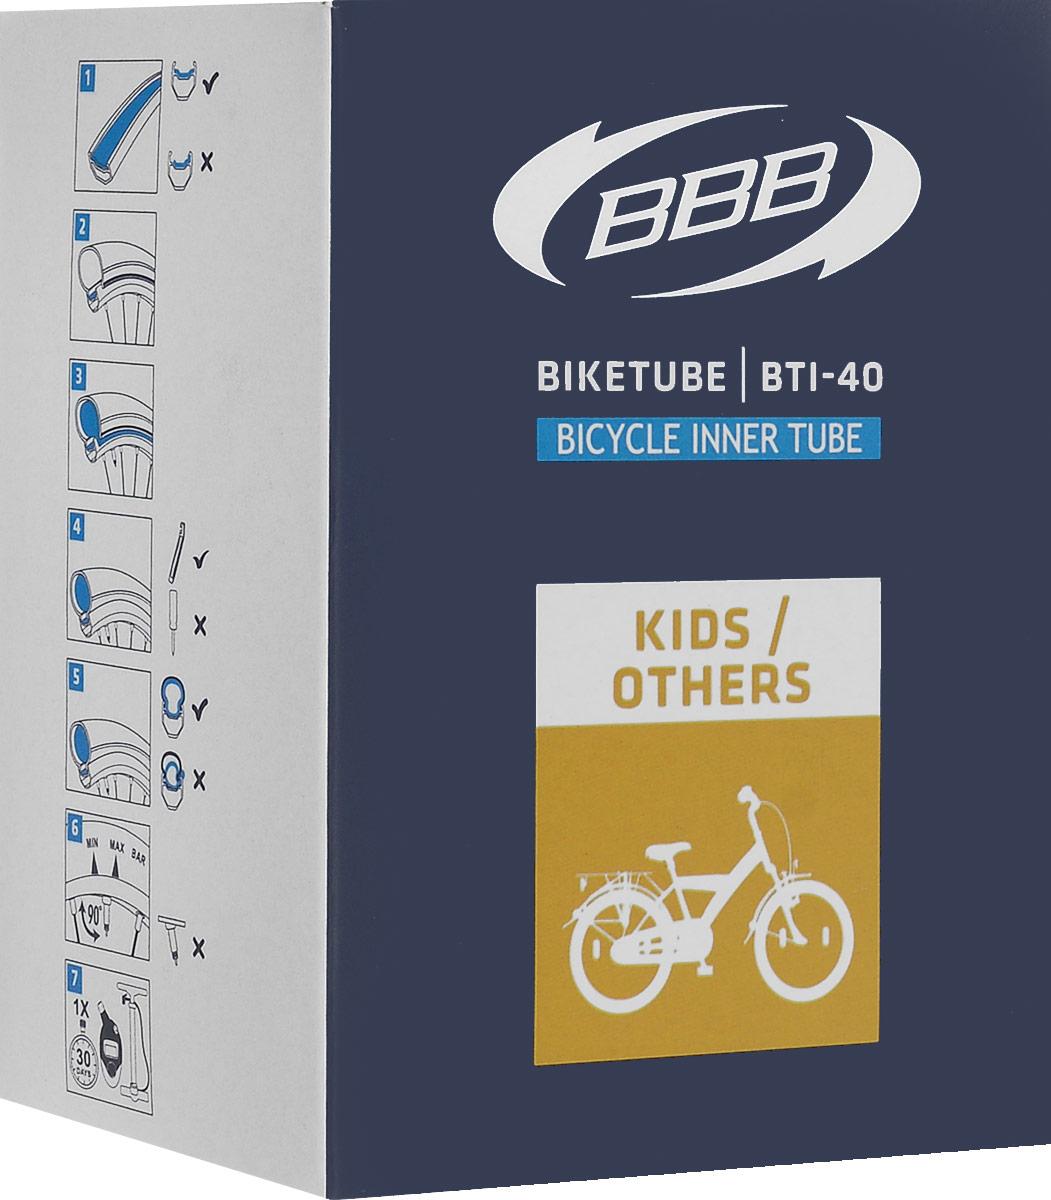 Камера велосипедная BBB, диаметр 24BTI-40Камера BBB изготовлена из долговечного резинового компаунда. Никаких швов, которые могут пропускать воздух. Достаточно большая для защиты от проколов и достаточно небольшая для снижения веса. Велосипедные камеры - обязательный атрибут каждого велосипедиста! Никогда не выезжайте из дома на велосипеде, не взяв с собой запасную велосипедную шину!Диаметр колеса: 24.Допустимый размер сечения покрышки: от 1,9 до 2,125.Ниппель: AV 40 мм.Толщина стенки: 0,87 мм. Категория: универсальная.